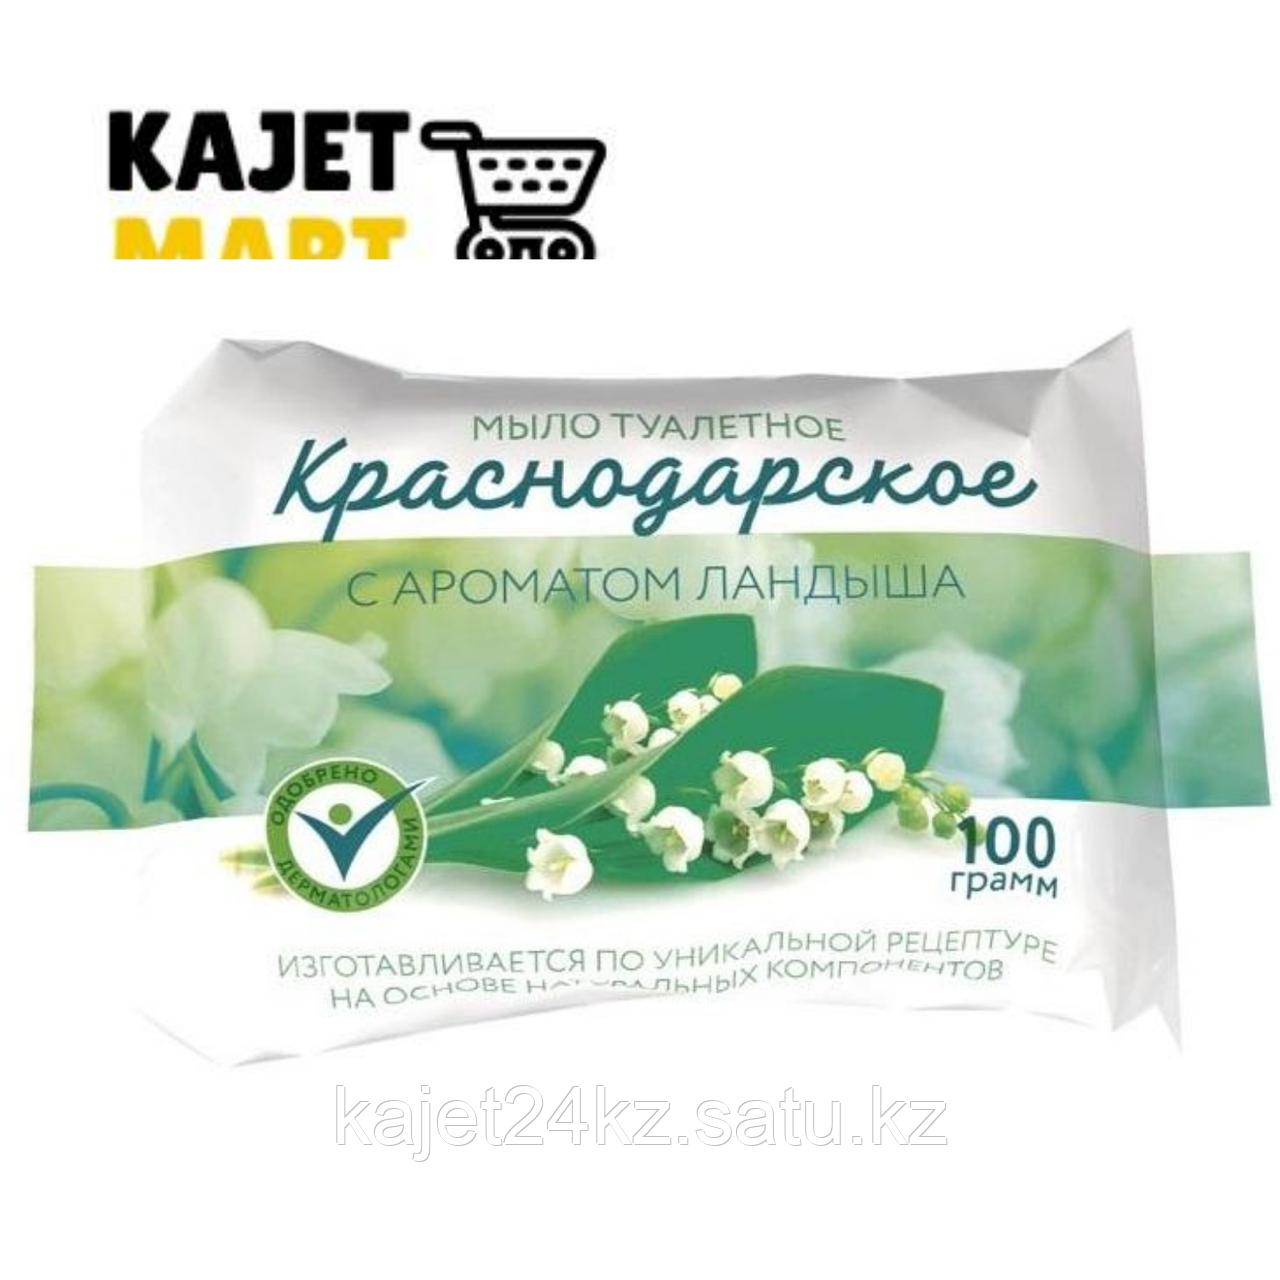 """Мыло туалетное """"Краснодарское"""" С АРОМАТОМ ЛАНДЫША 100 гр"""